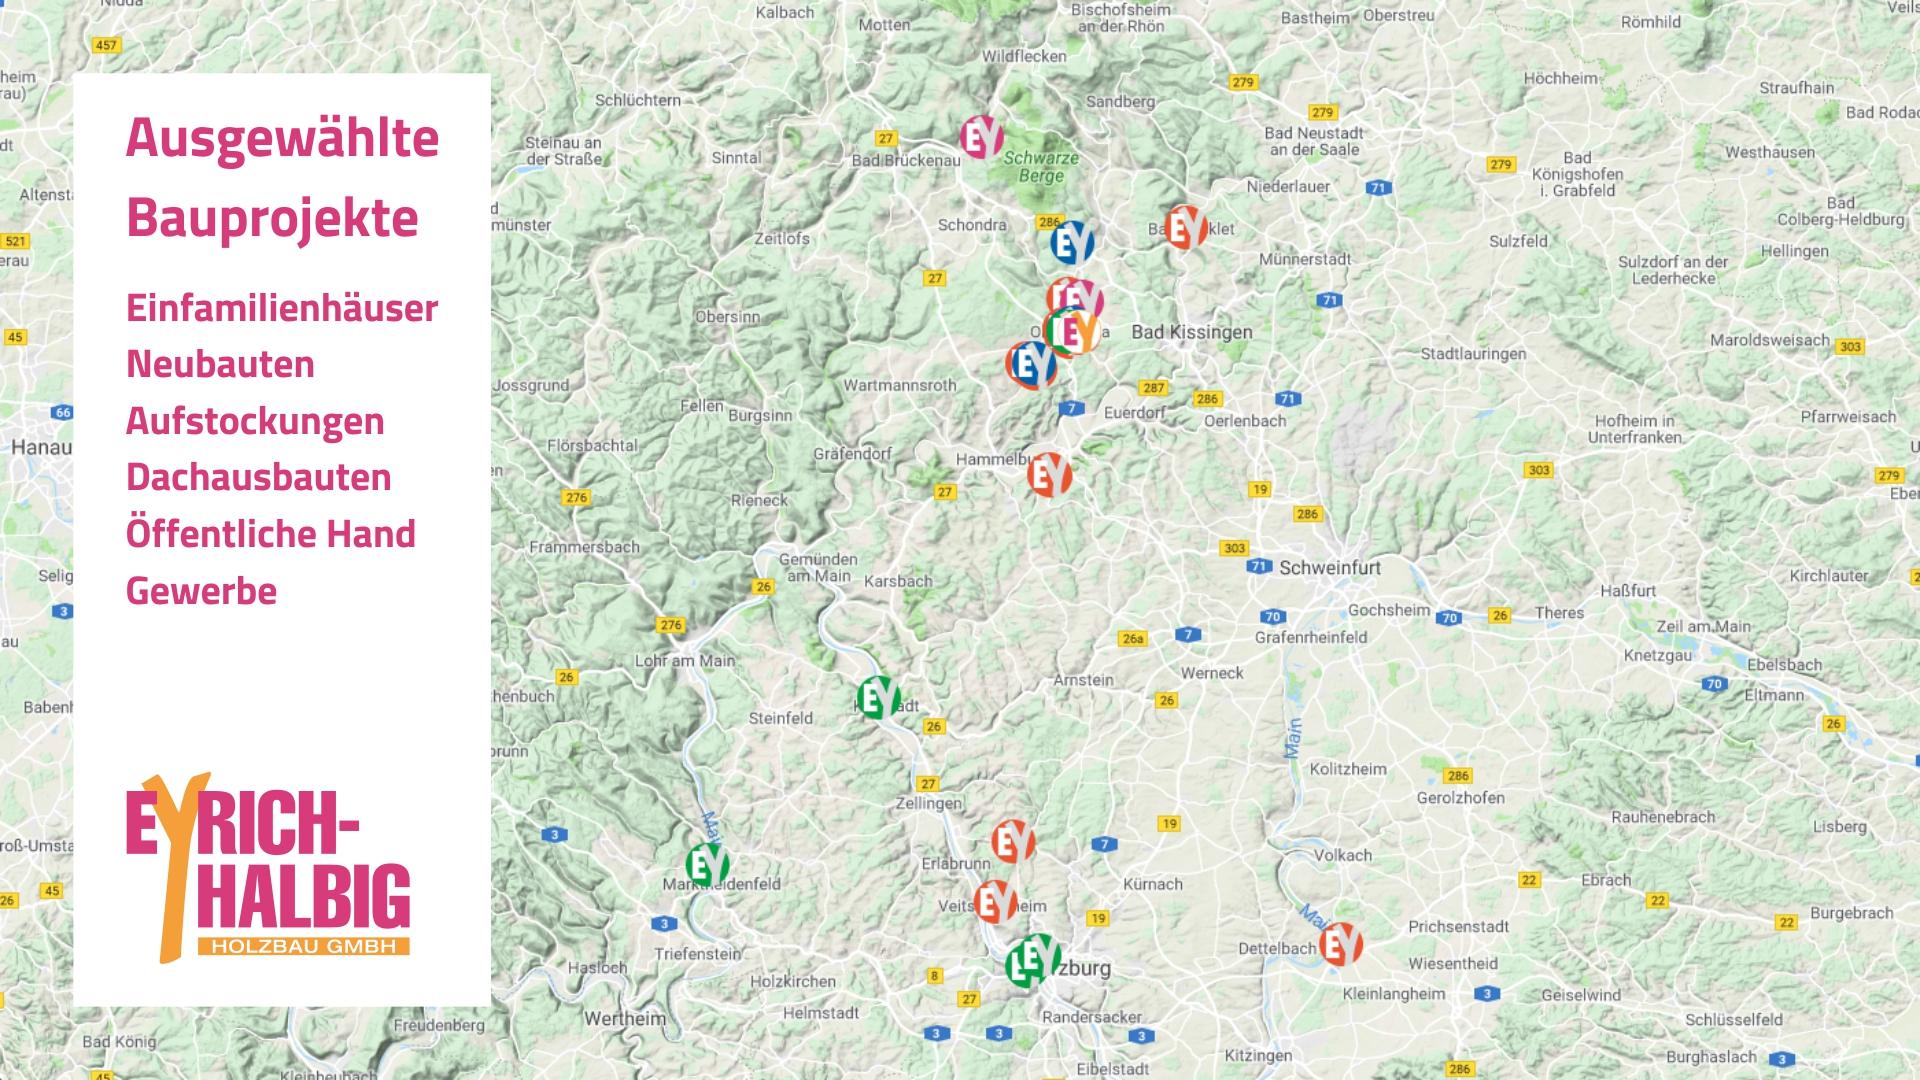 EYRICH-HALBIG HOLZBAU Google-Karte mit ausgewählten Bauprojekten